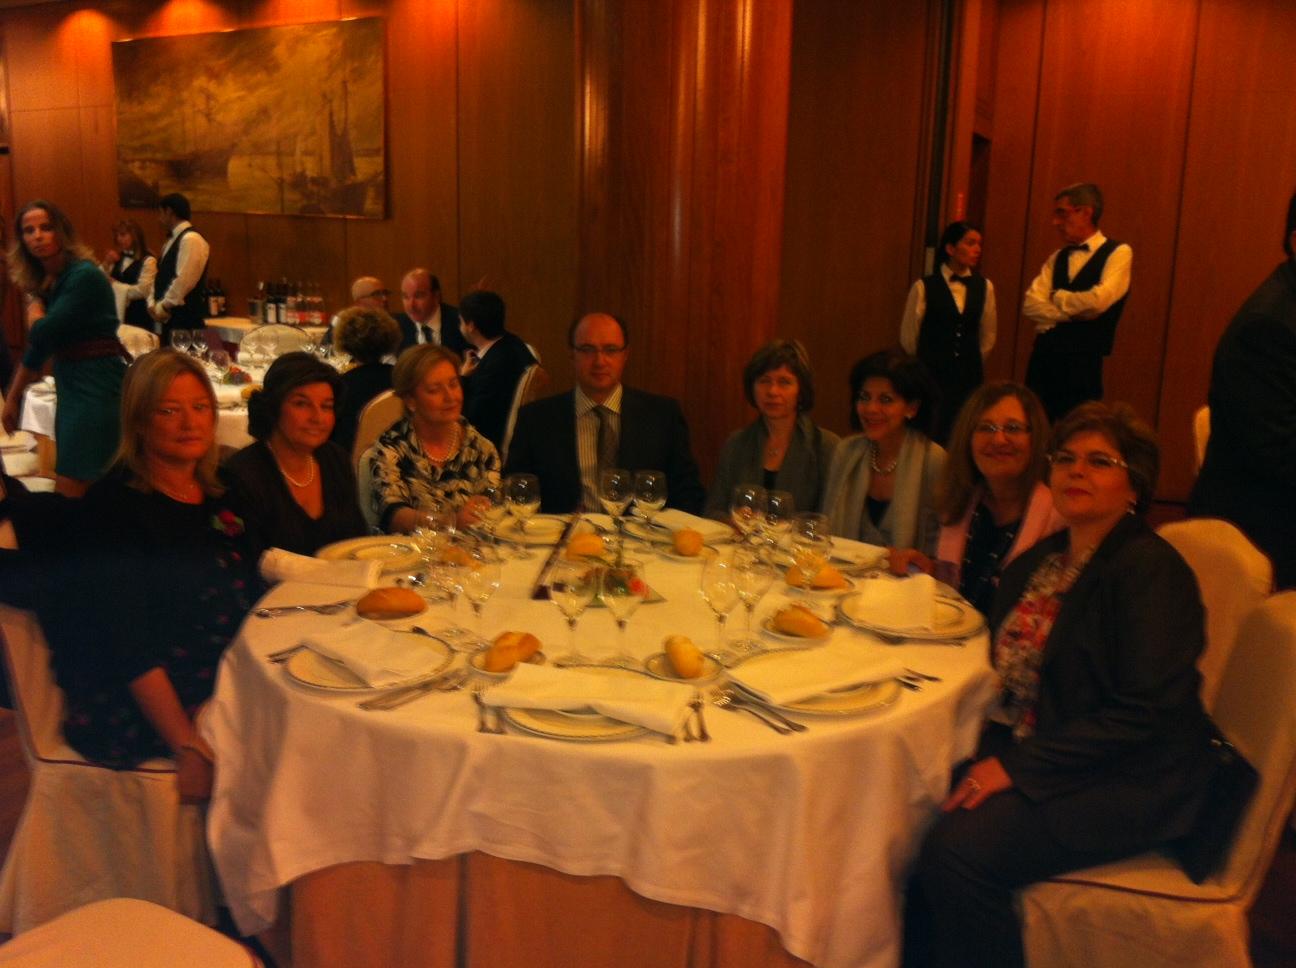 XVIII Congreso Nacional Farmacéutico en Santander - 24 al 26 de octubre